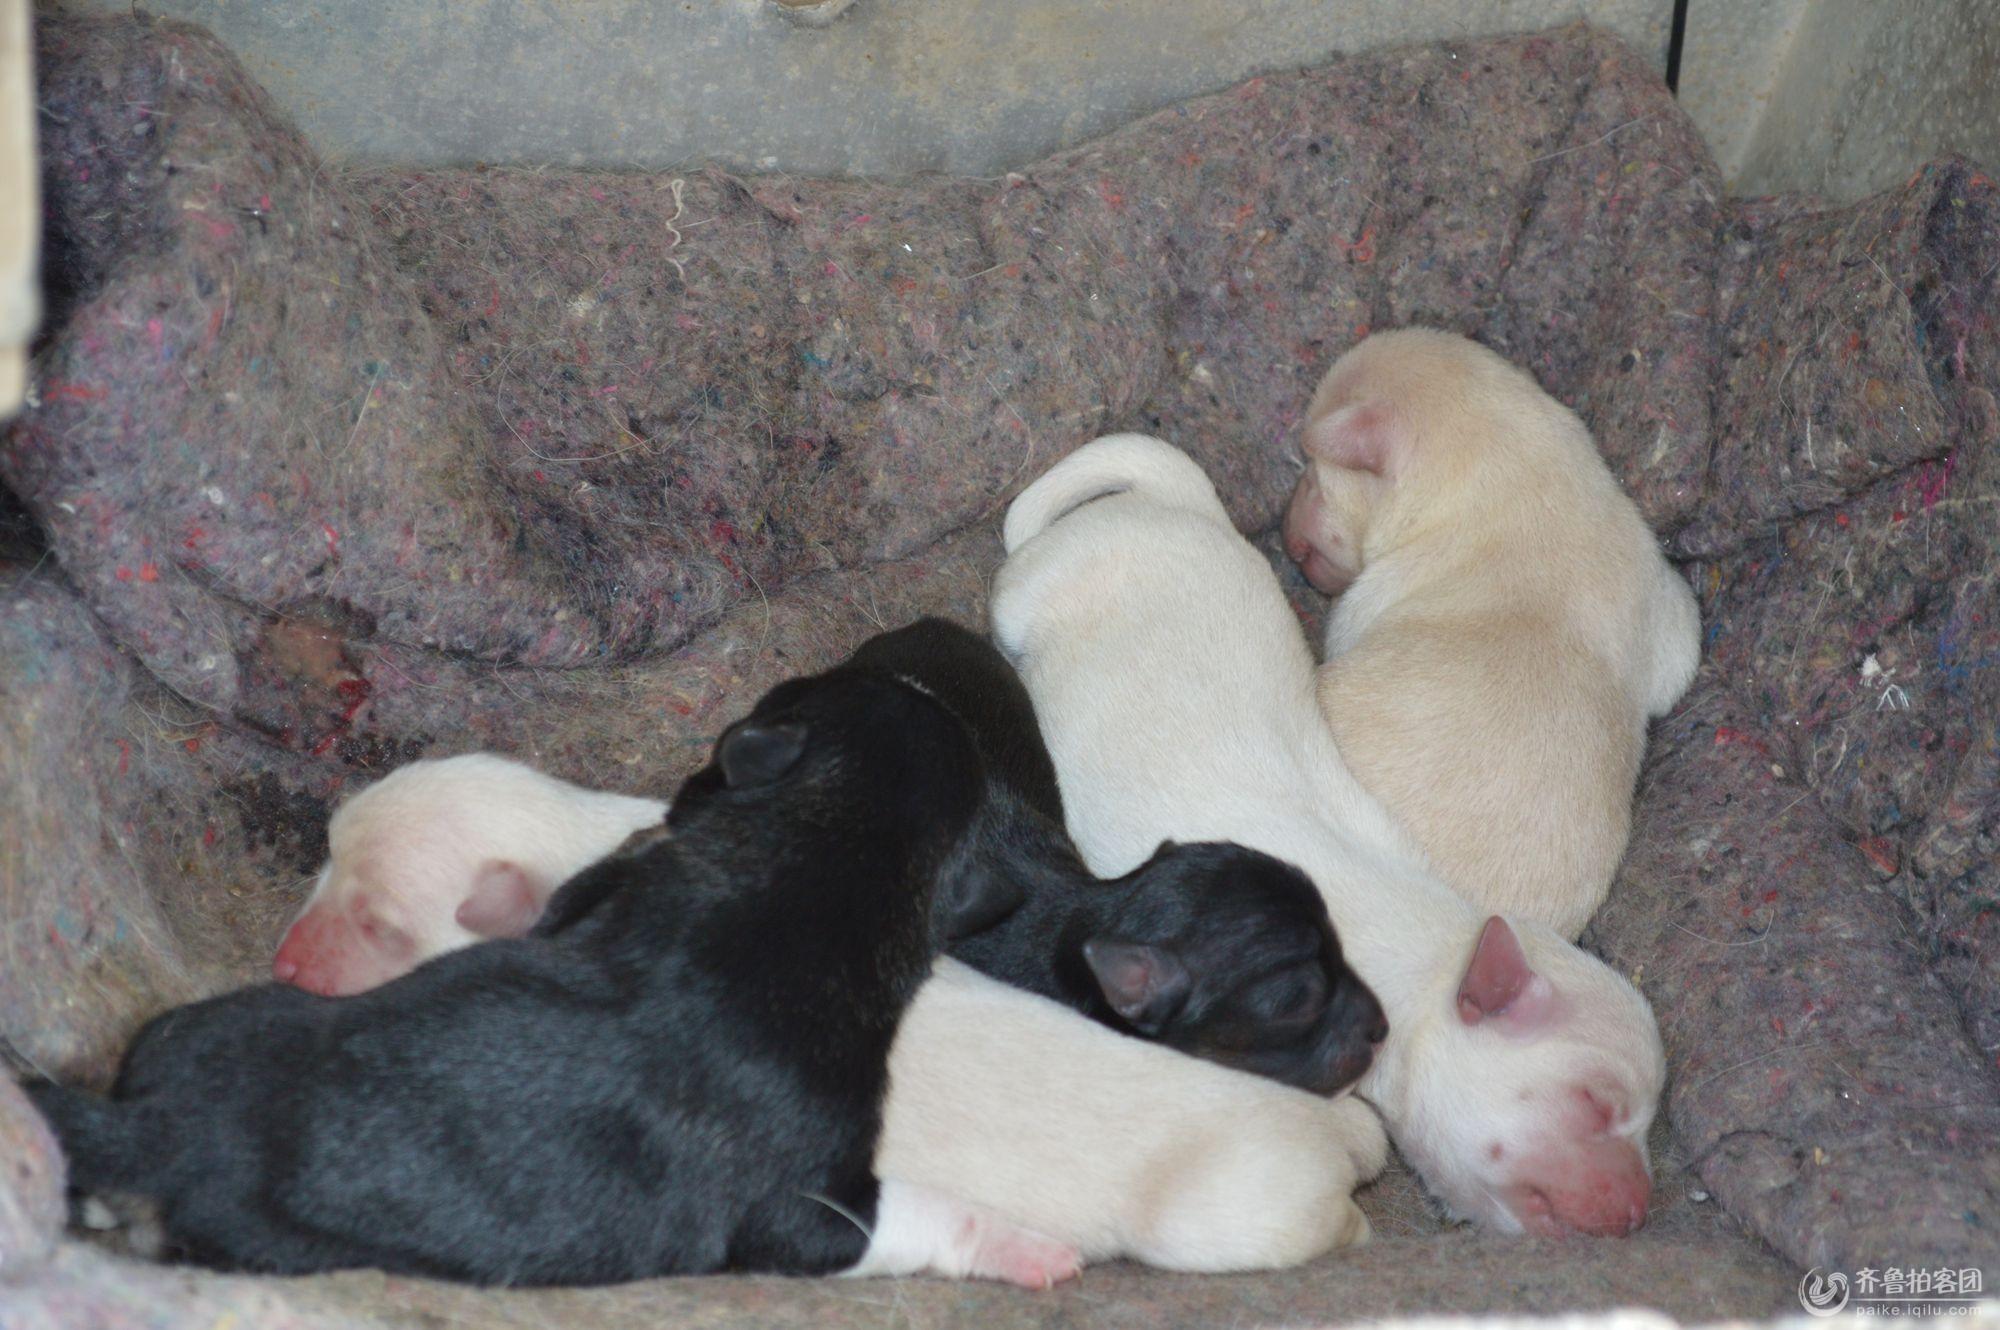 刚出生的小狗崽 - 东营拍客